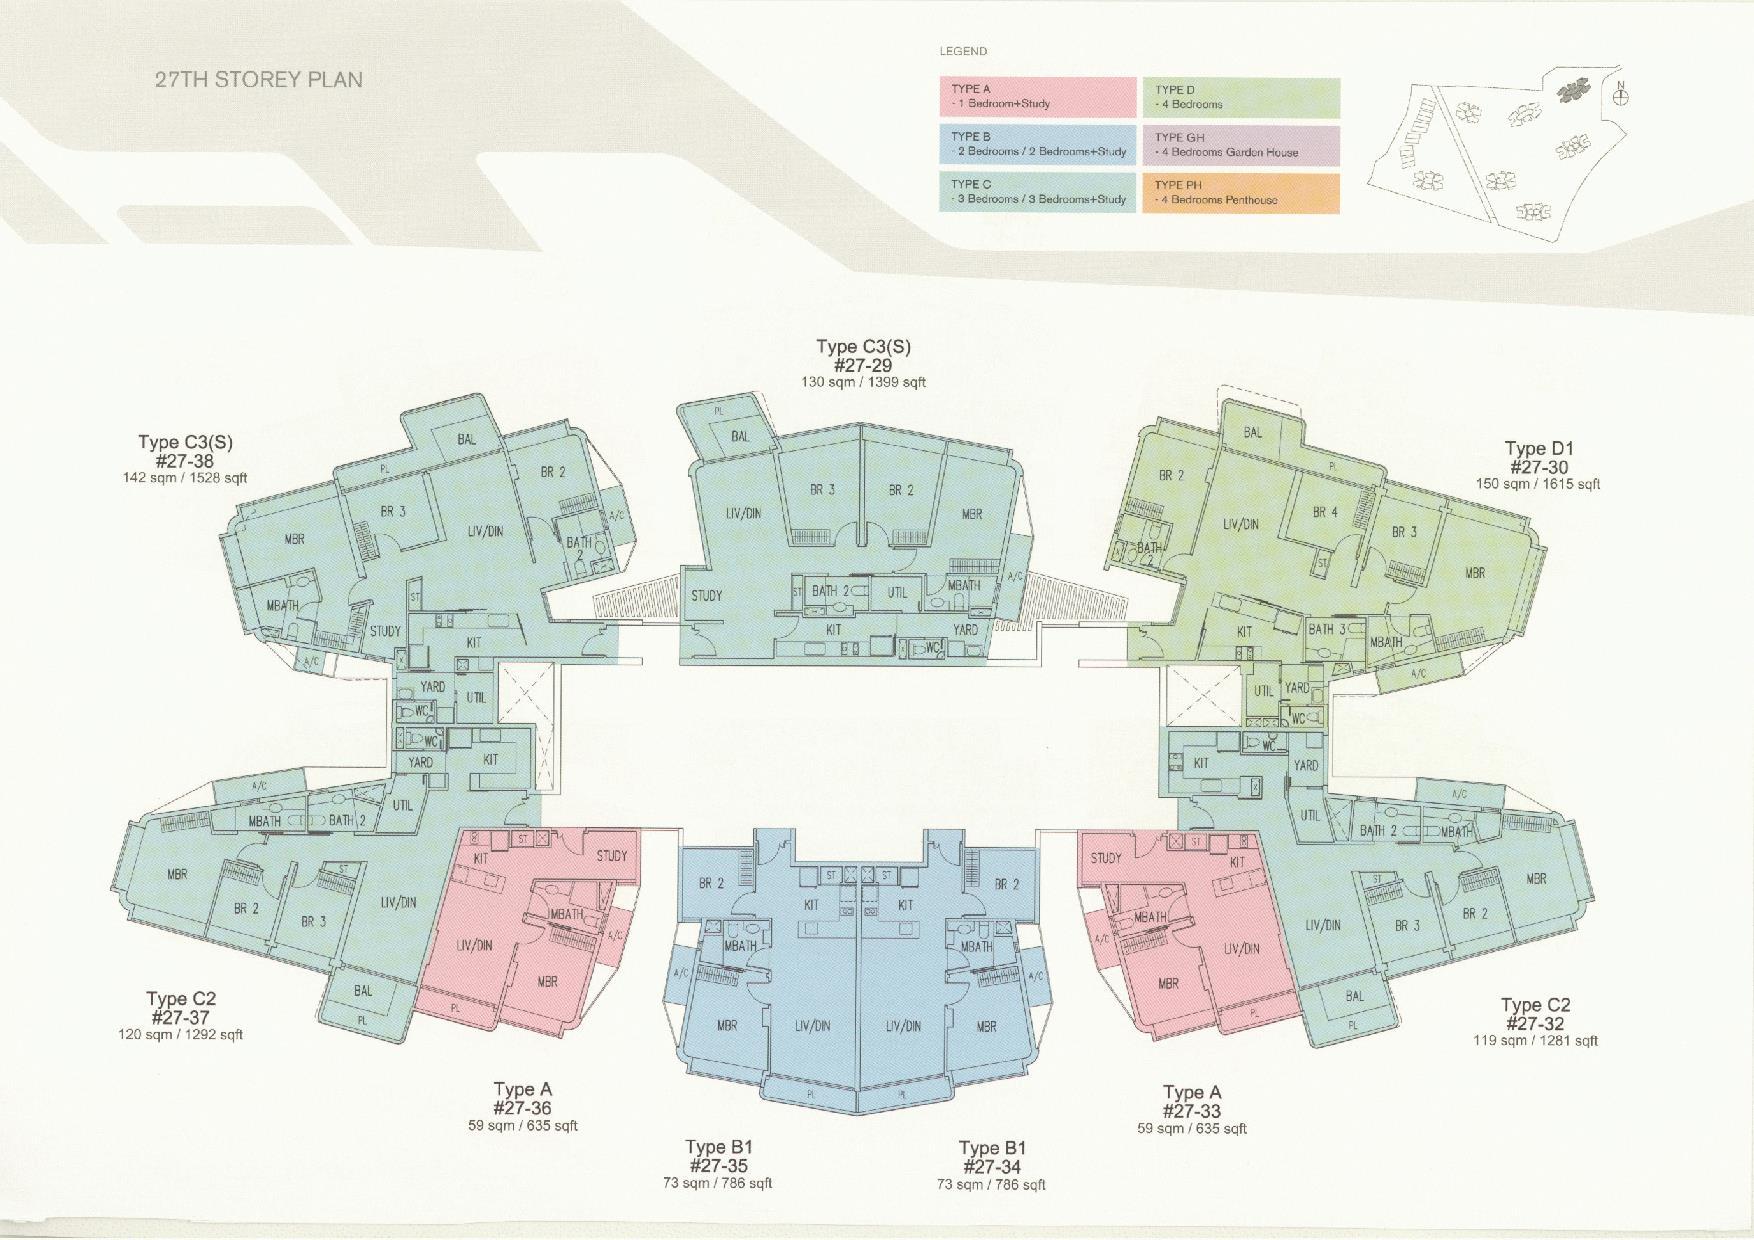 D'Leedon Block 11 27th Storey Floor Plans